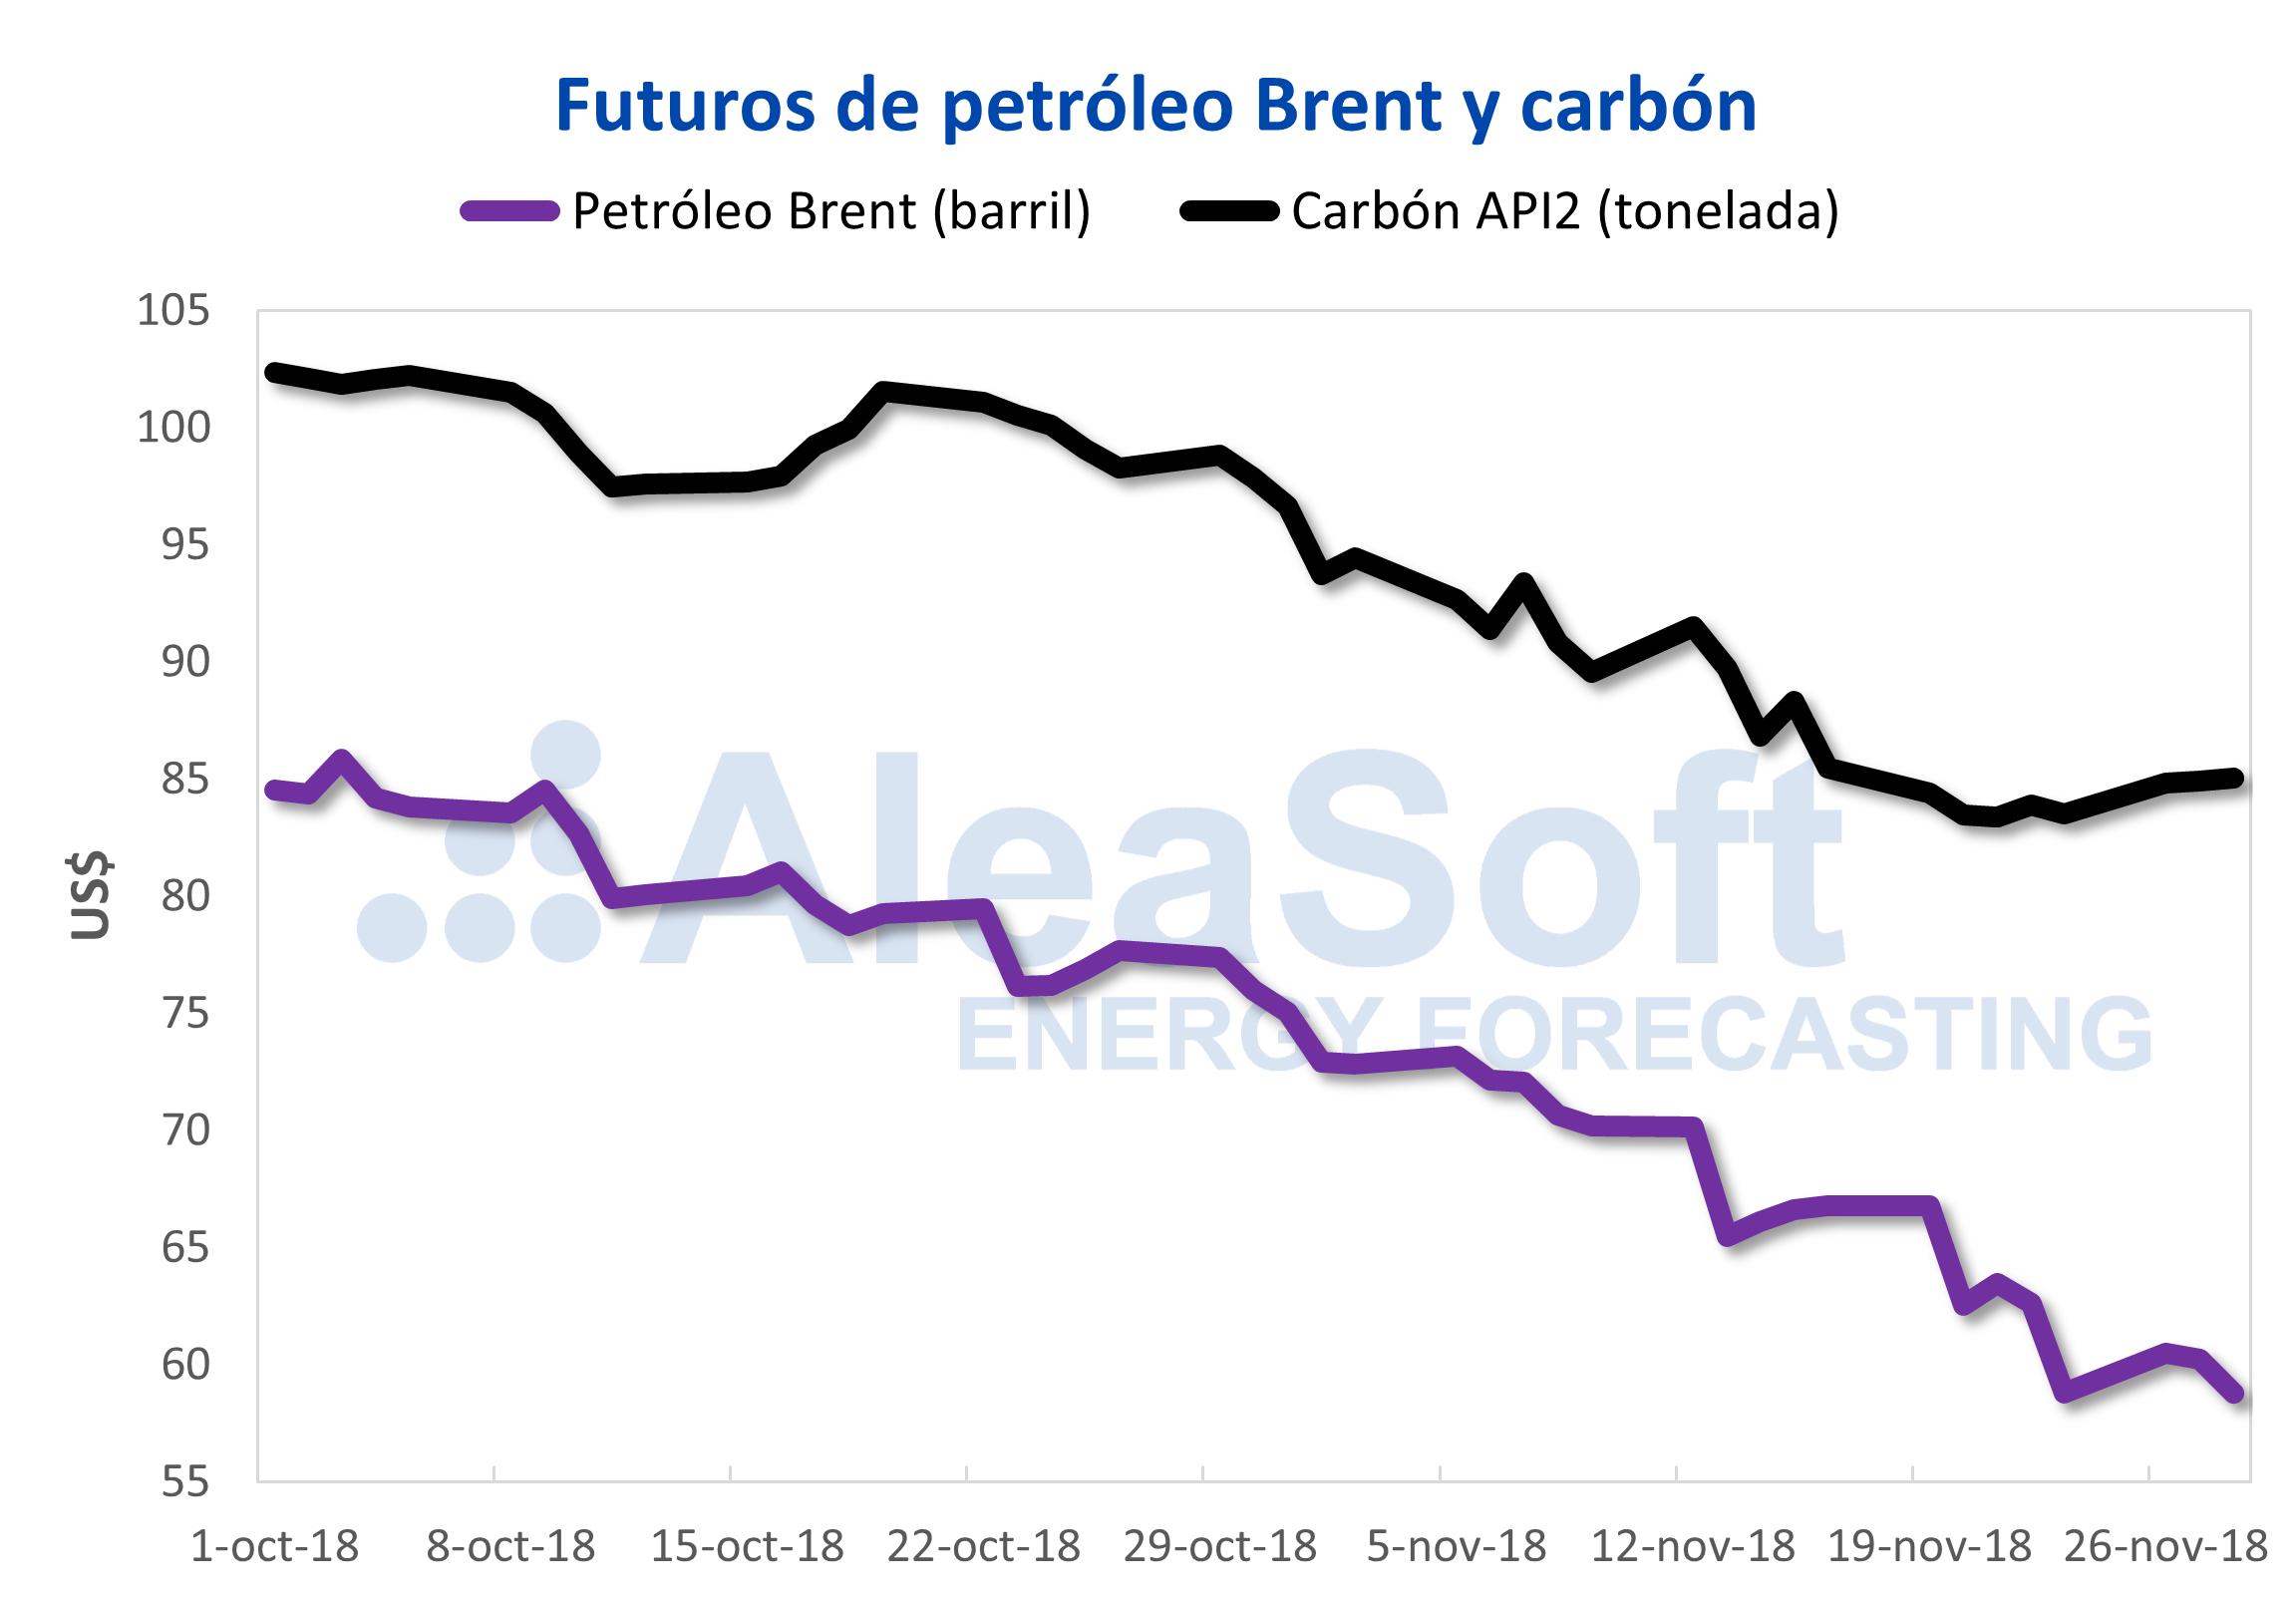 AleaSoft - Precios de futuros de Brent y Carbón API2